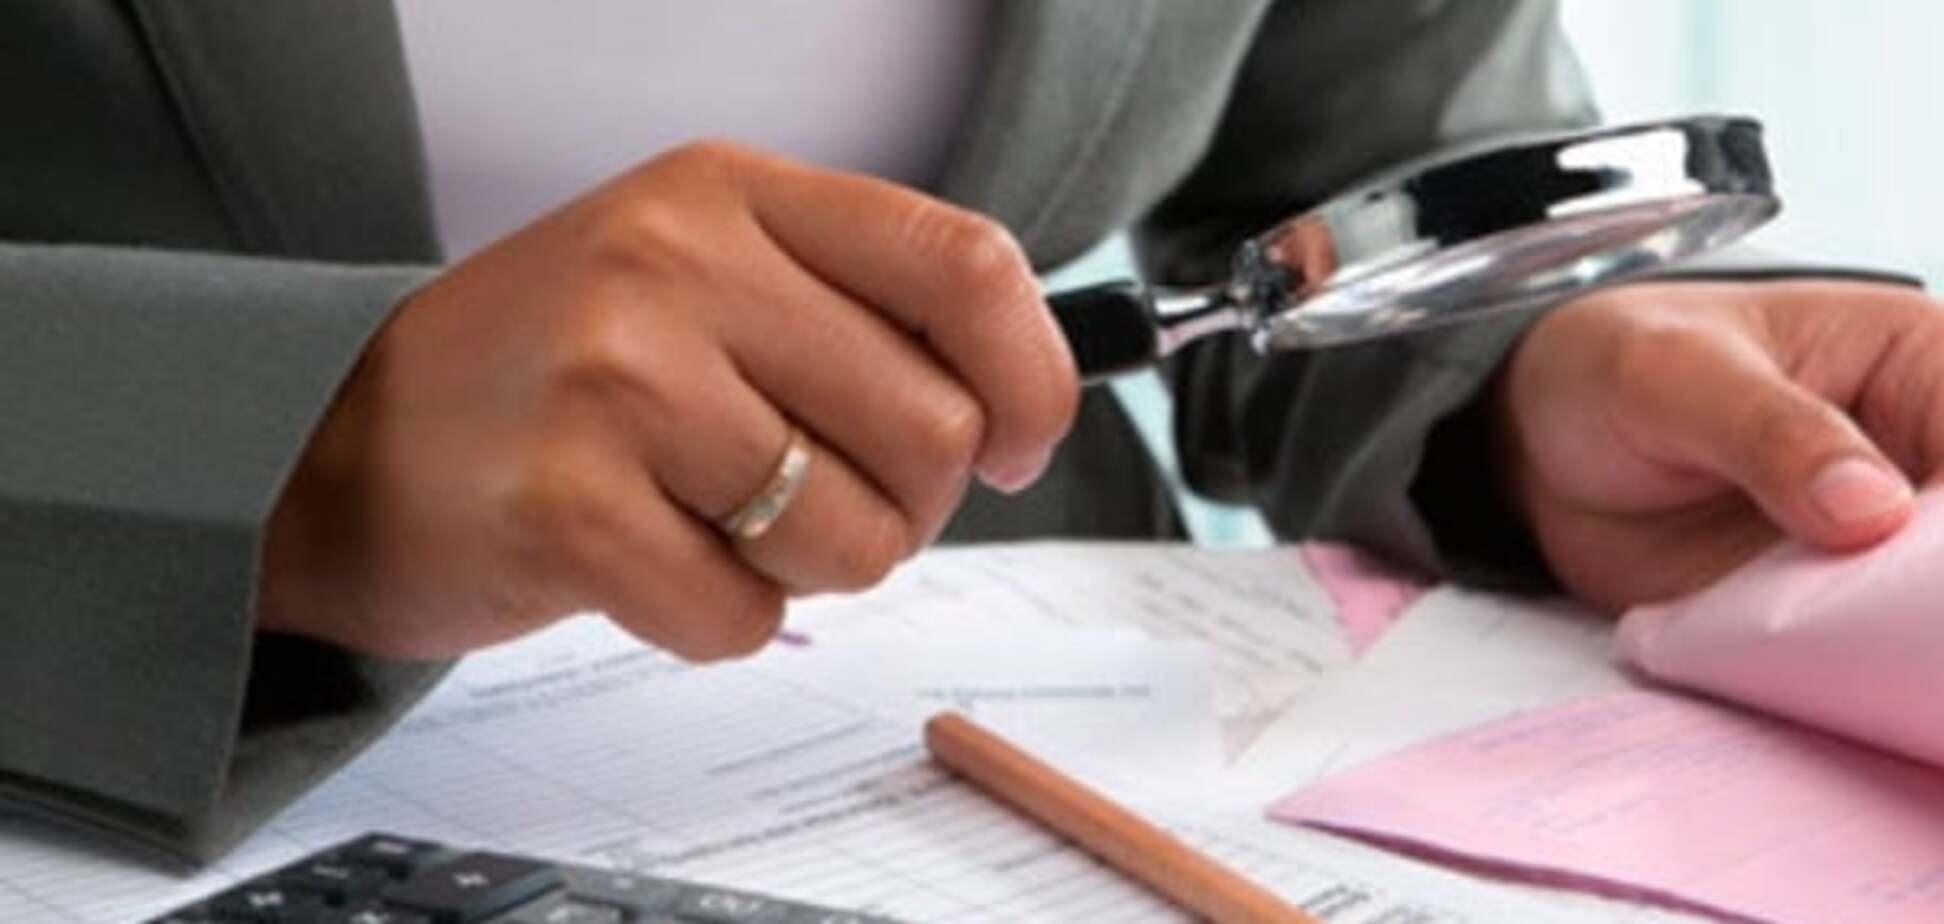 Усе за планом: юристи створили сайт-список перевірок українського бізнесу